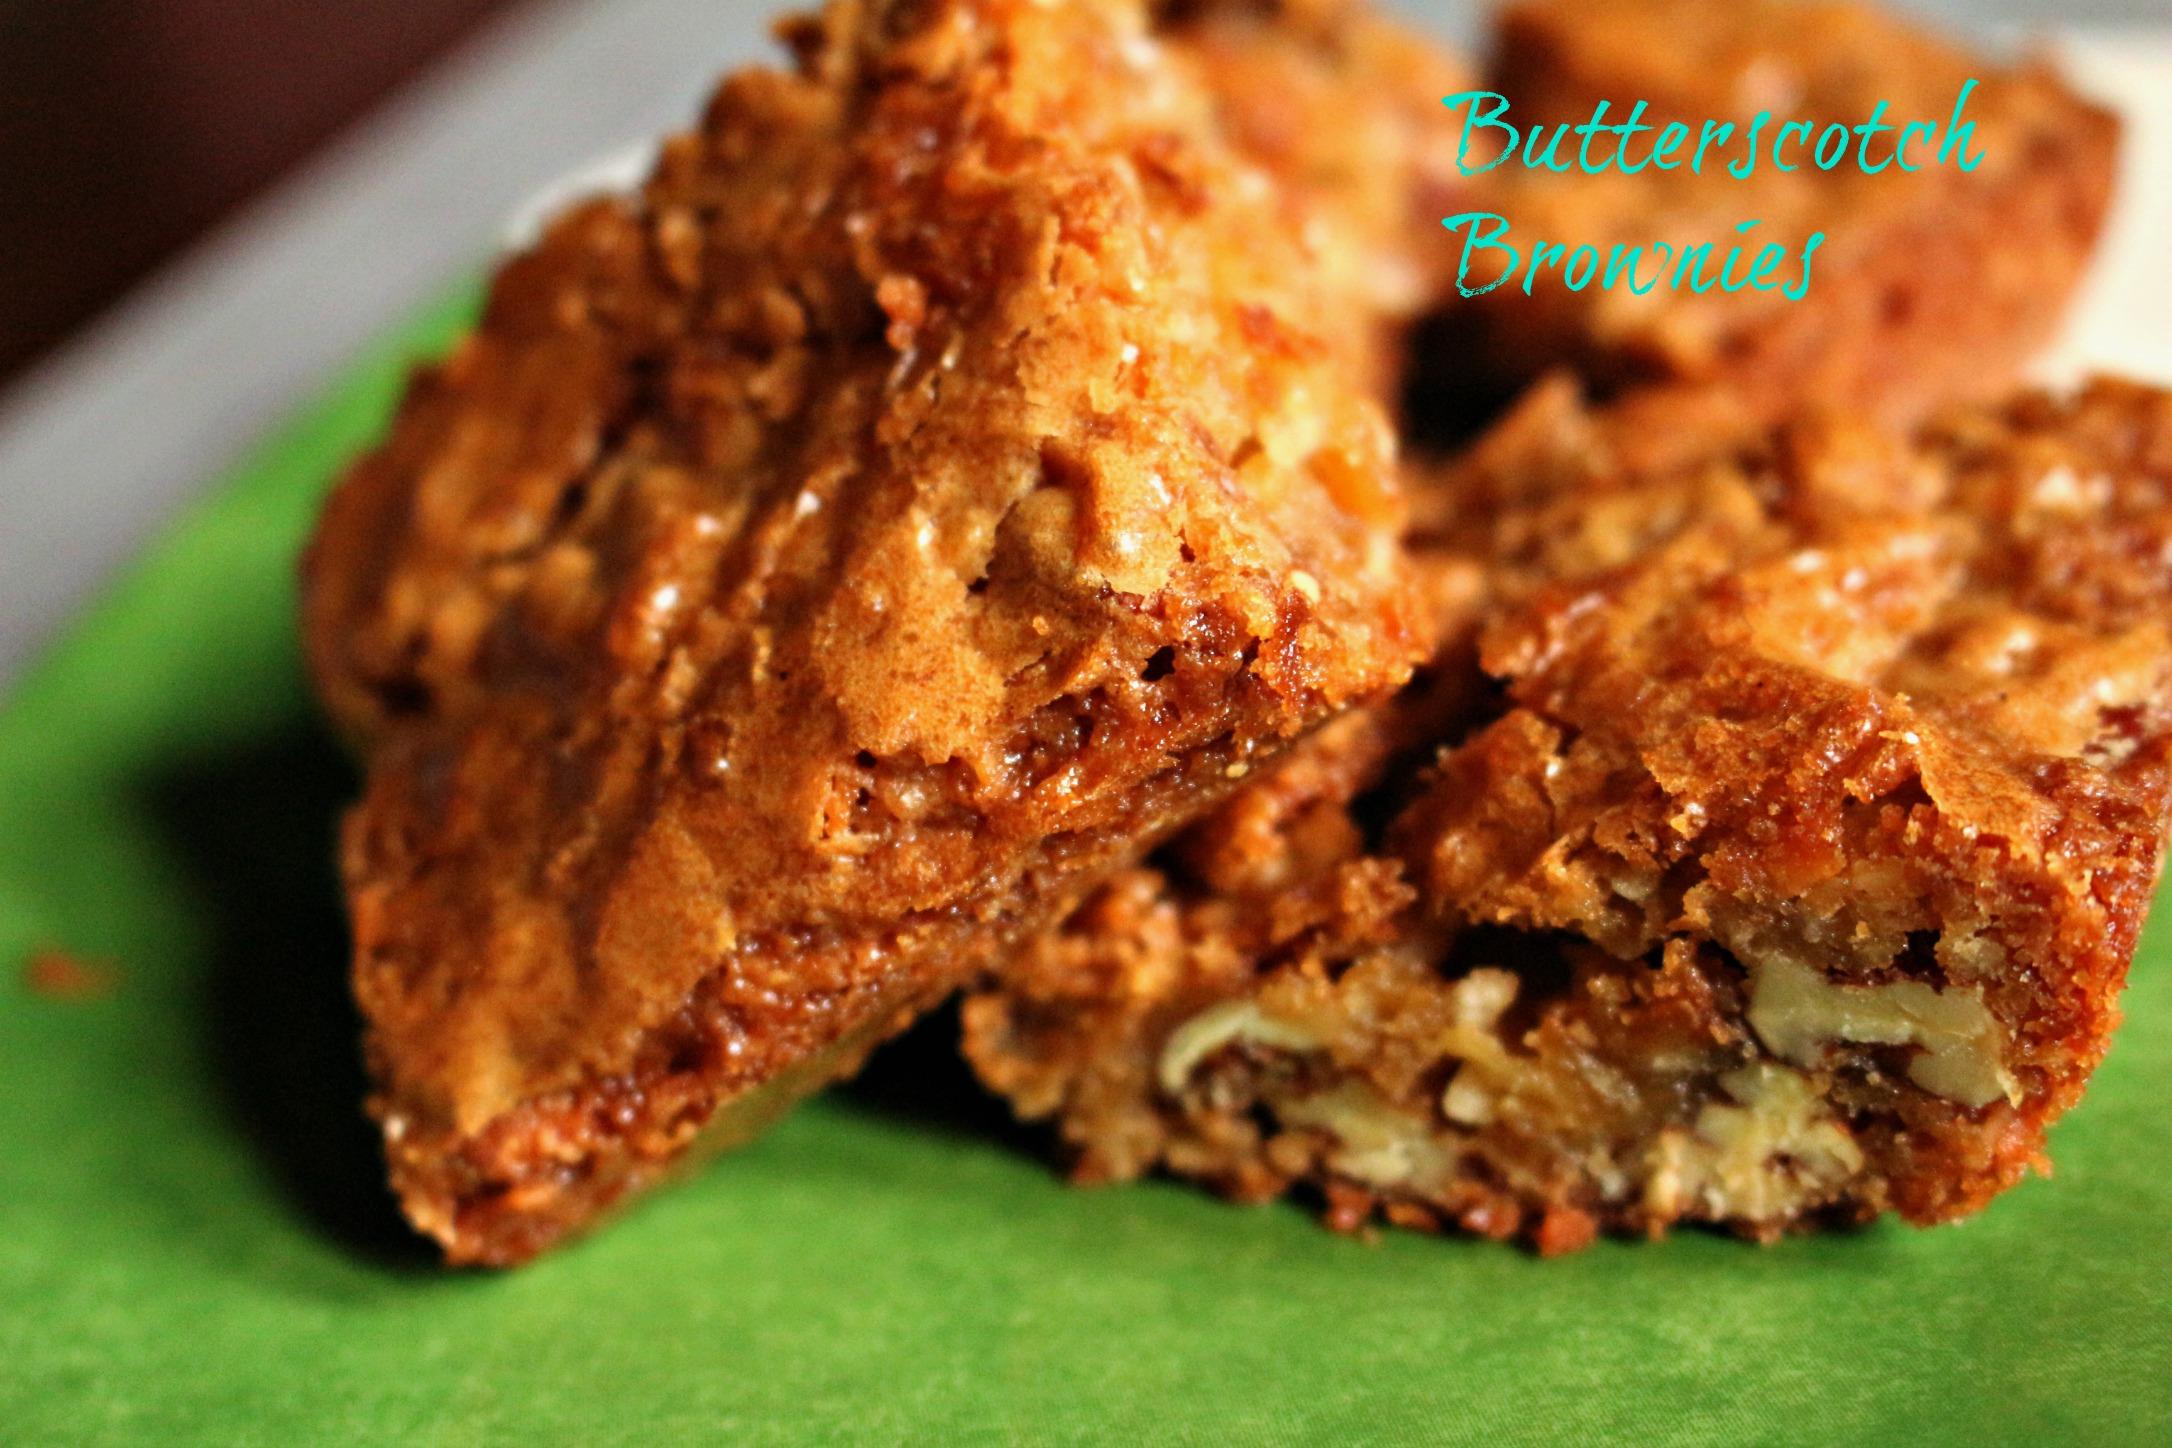 Butterscotch_Brownies closeup